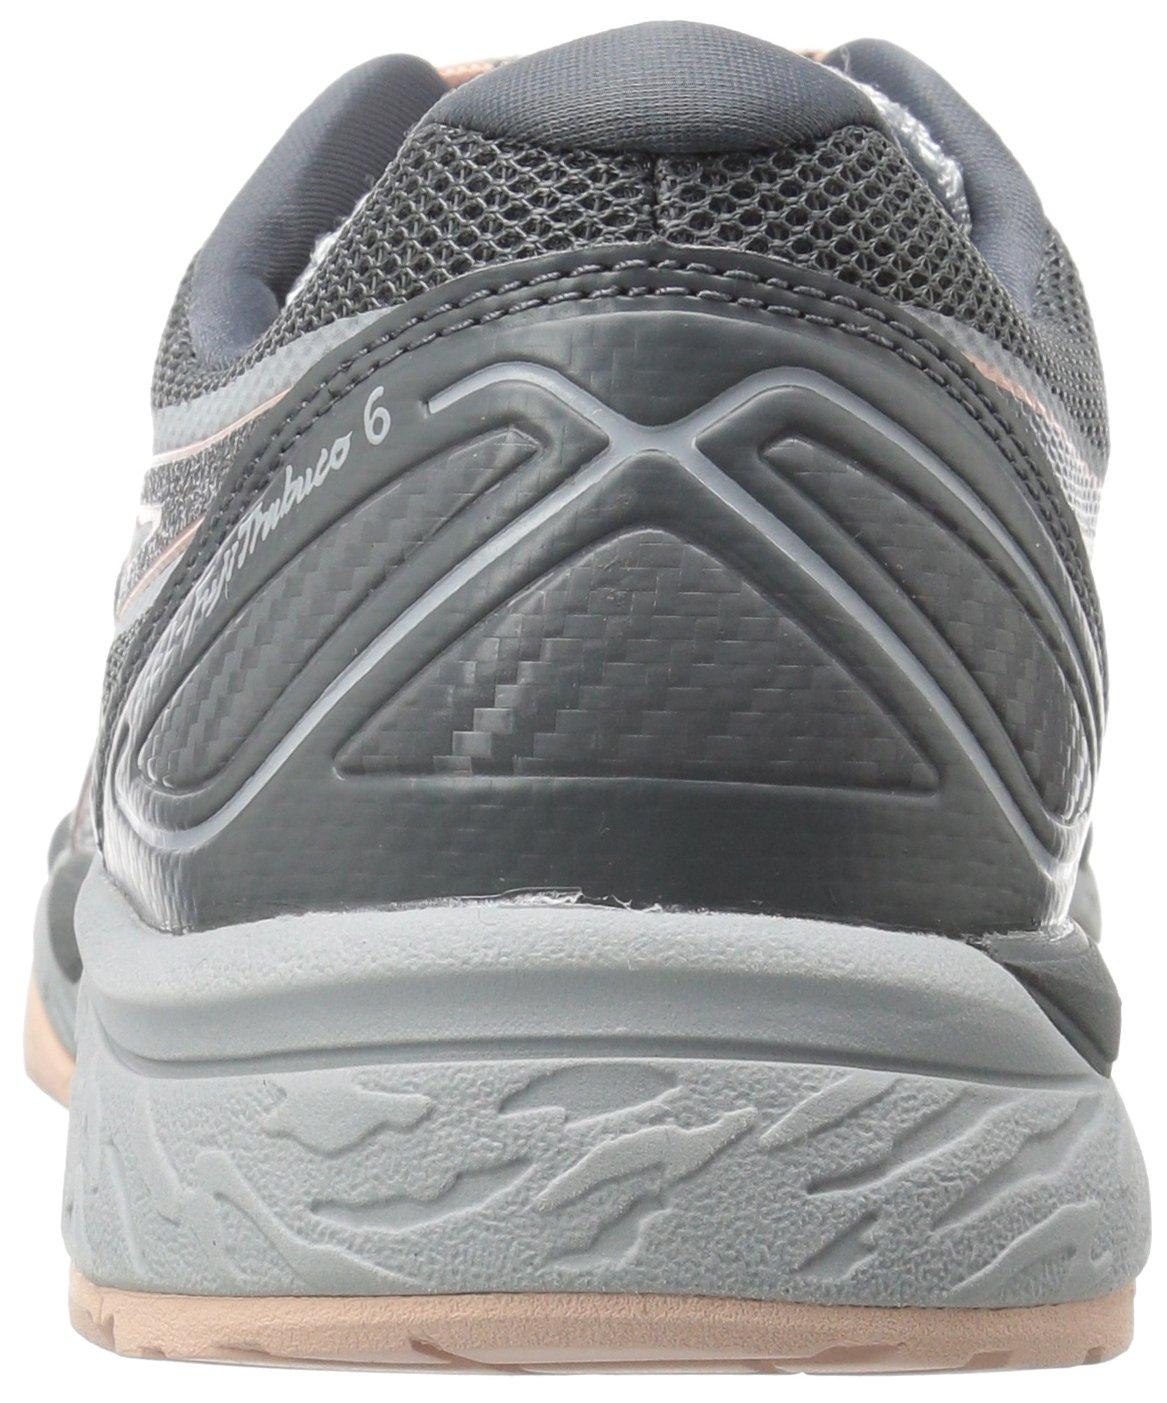 ASICS Women's Gel-Fujitrabuco 6 Running Shoe B01MXINHI7 8 B(M) US|Mid Grey/Carbon/Evening Sand